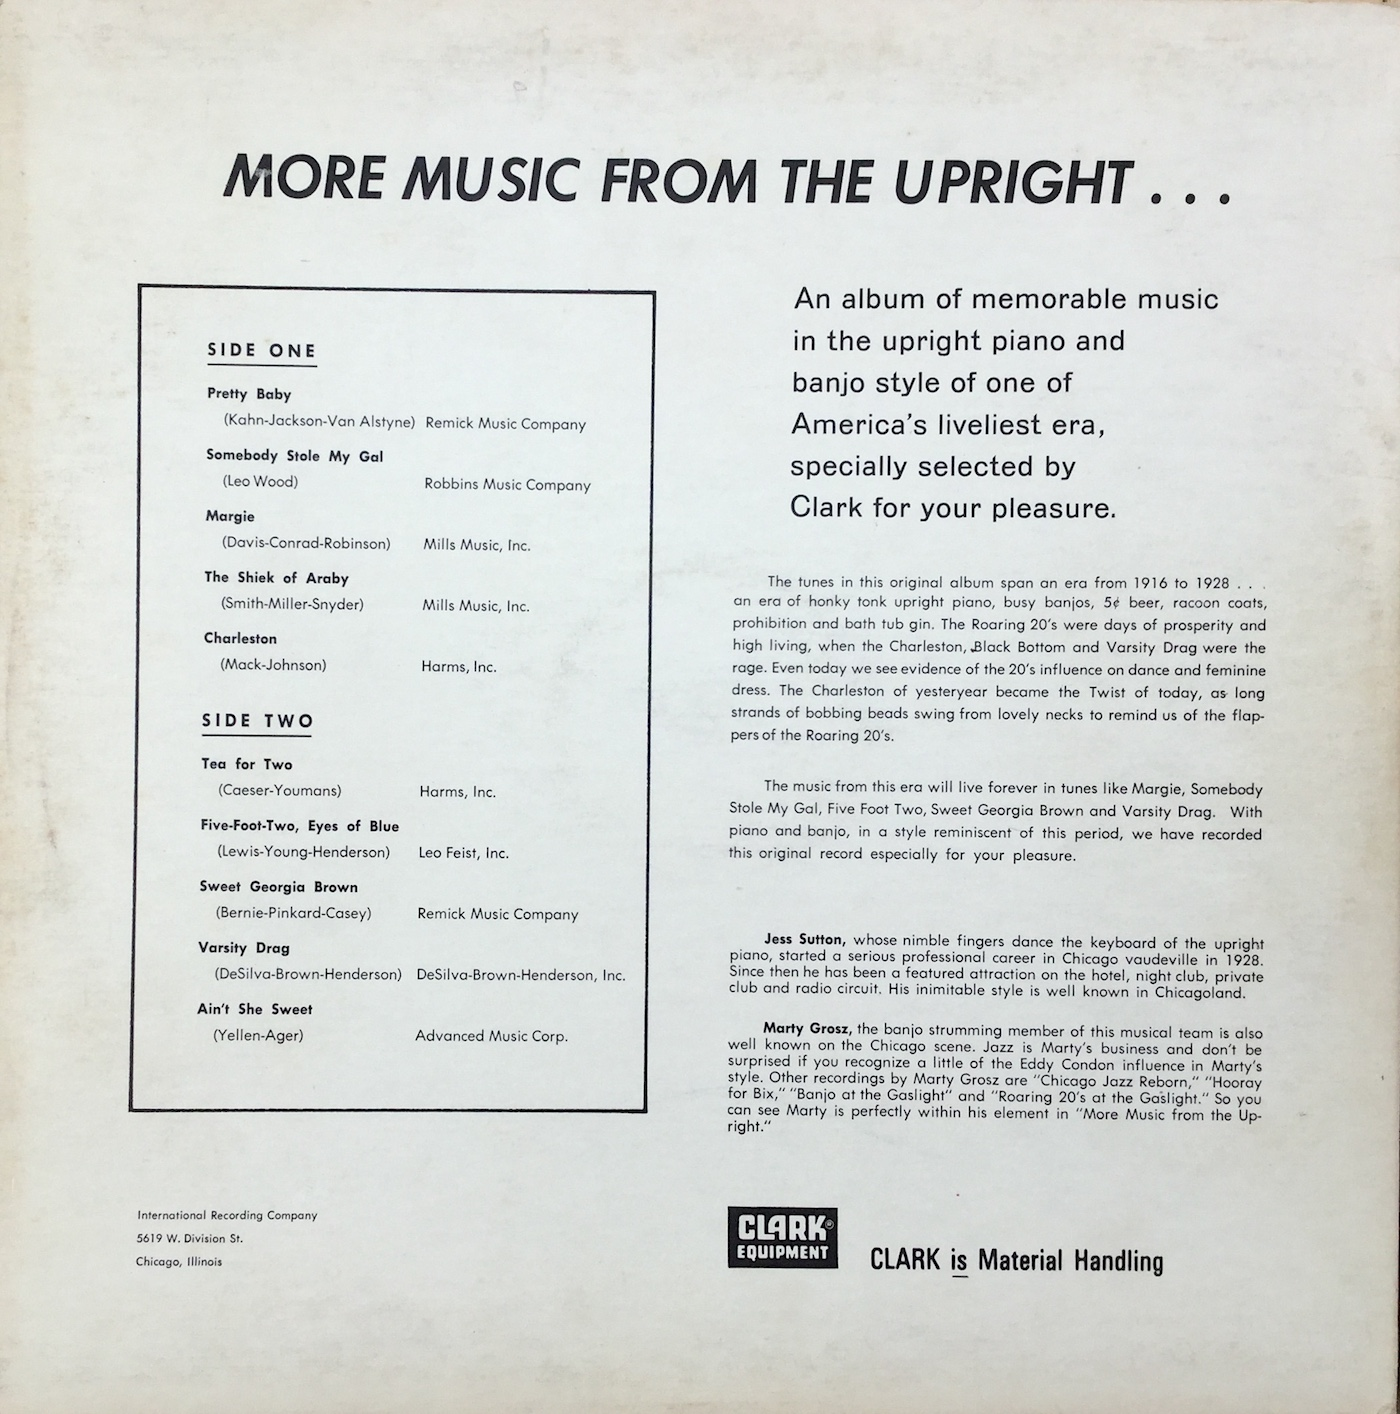 MusicFromTheUprightBack